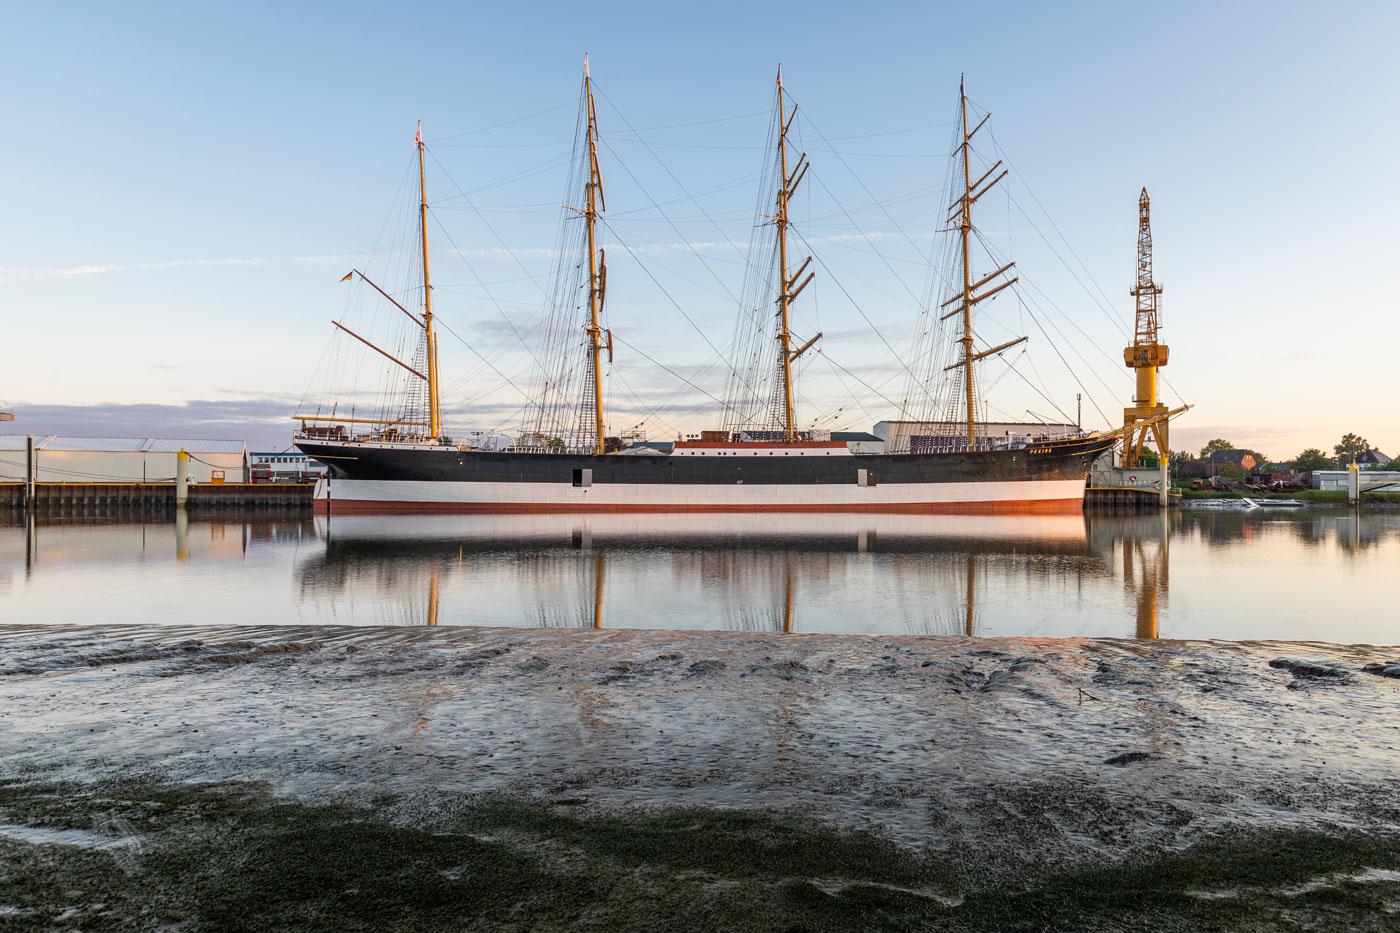 Die historische Viermastbark PEKING in der Peters Werft ist fertig